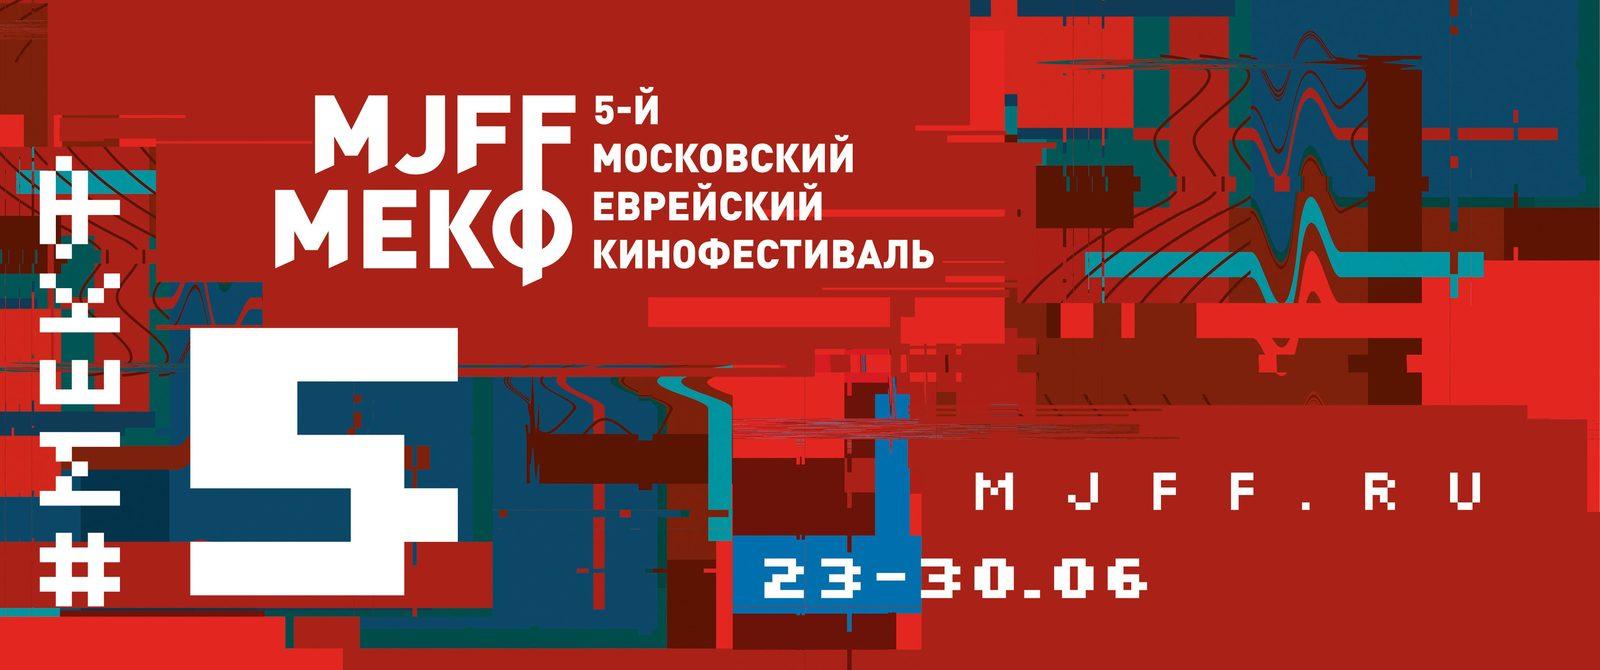 Объявлена программа Пятого Московского еврейского кинофестиваля